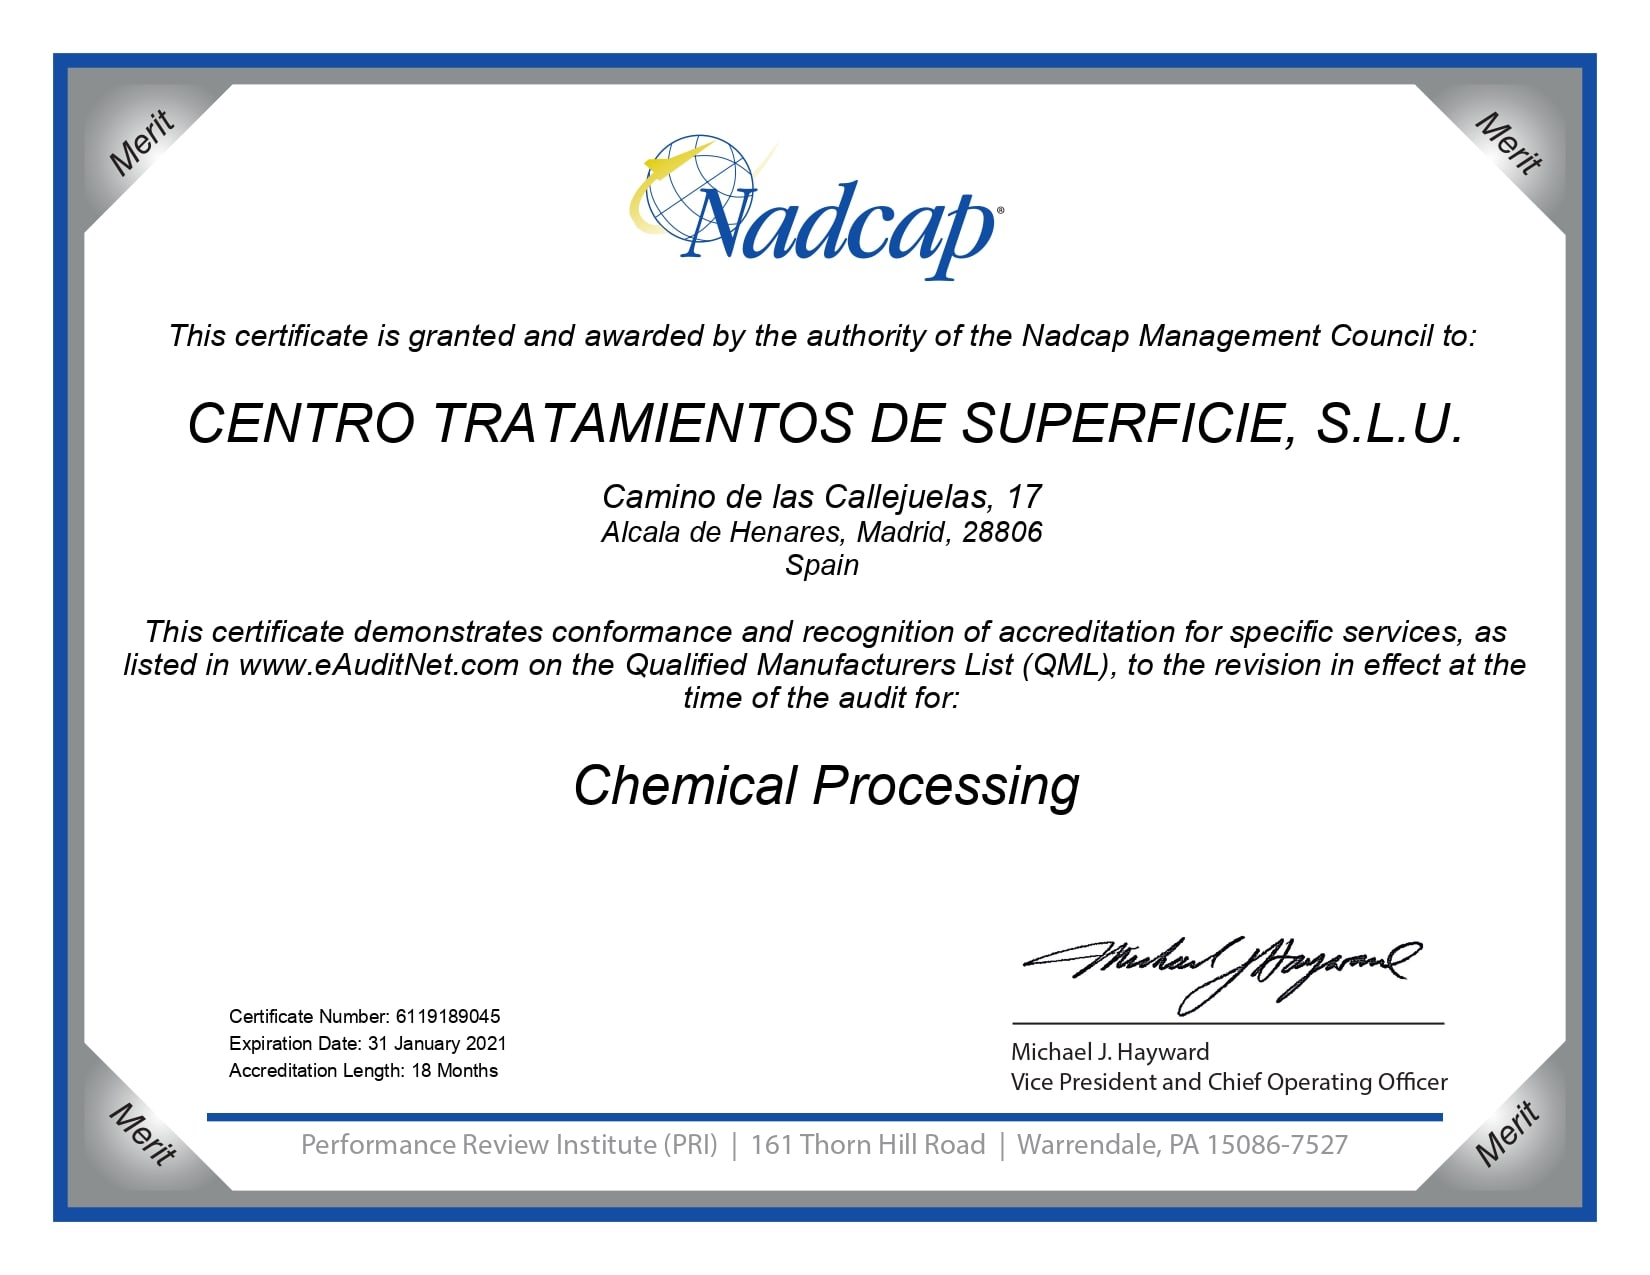 189045 CP Certificate (Hasta 31_01_21)